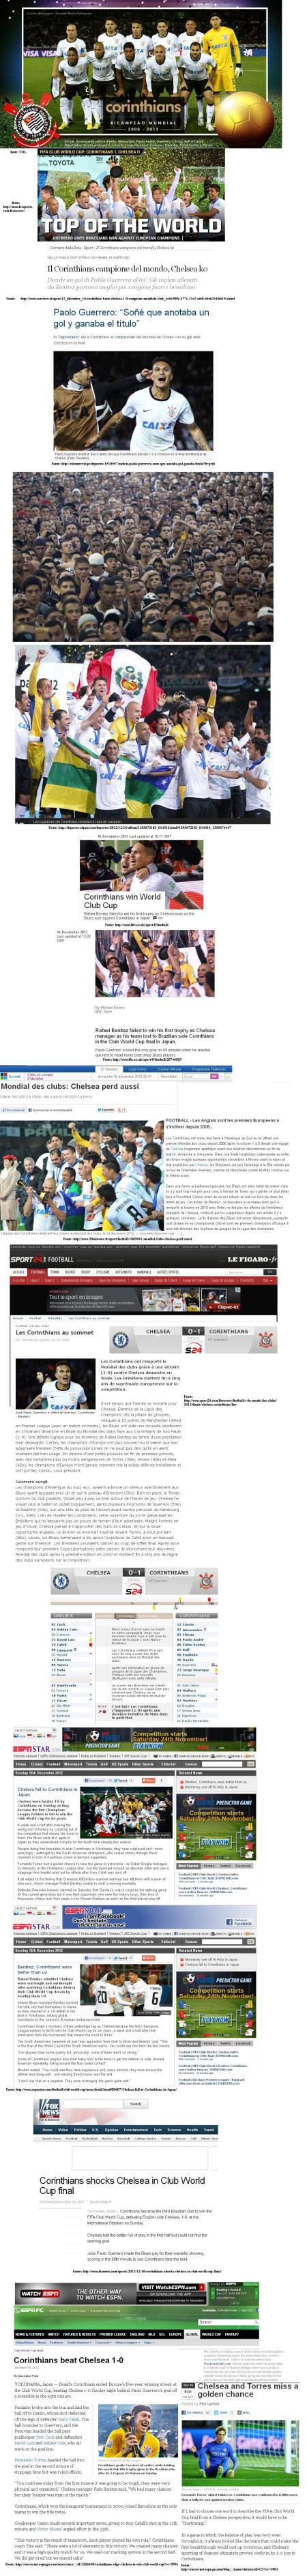 foto bi mundial com nome dos jogadores e 200 e 2012 listados